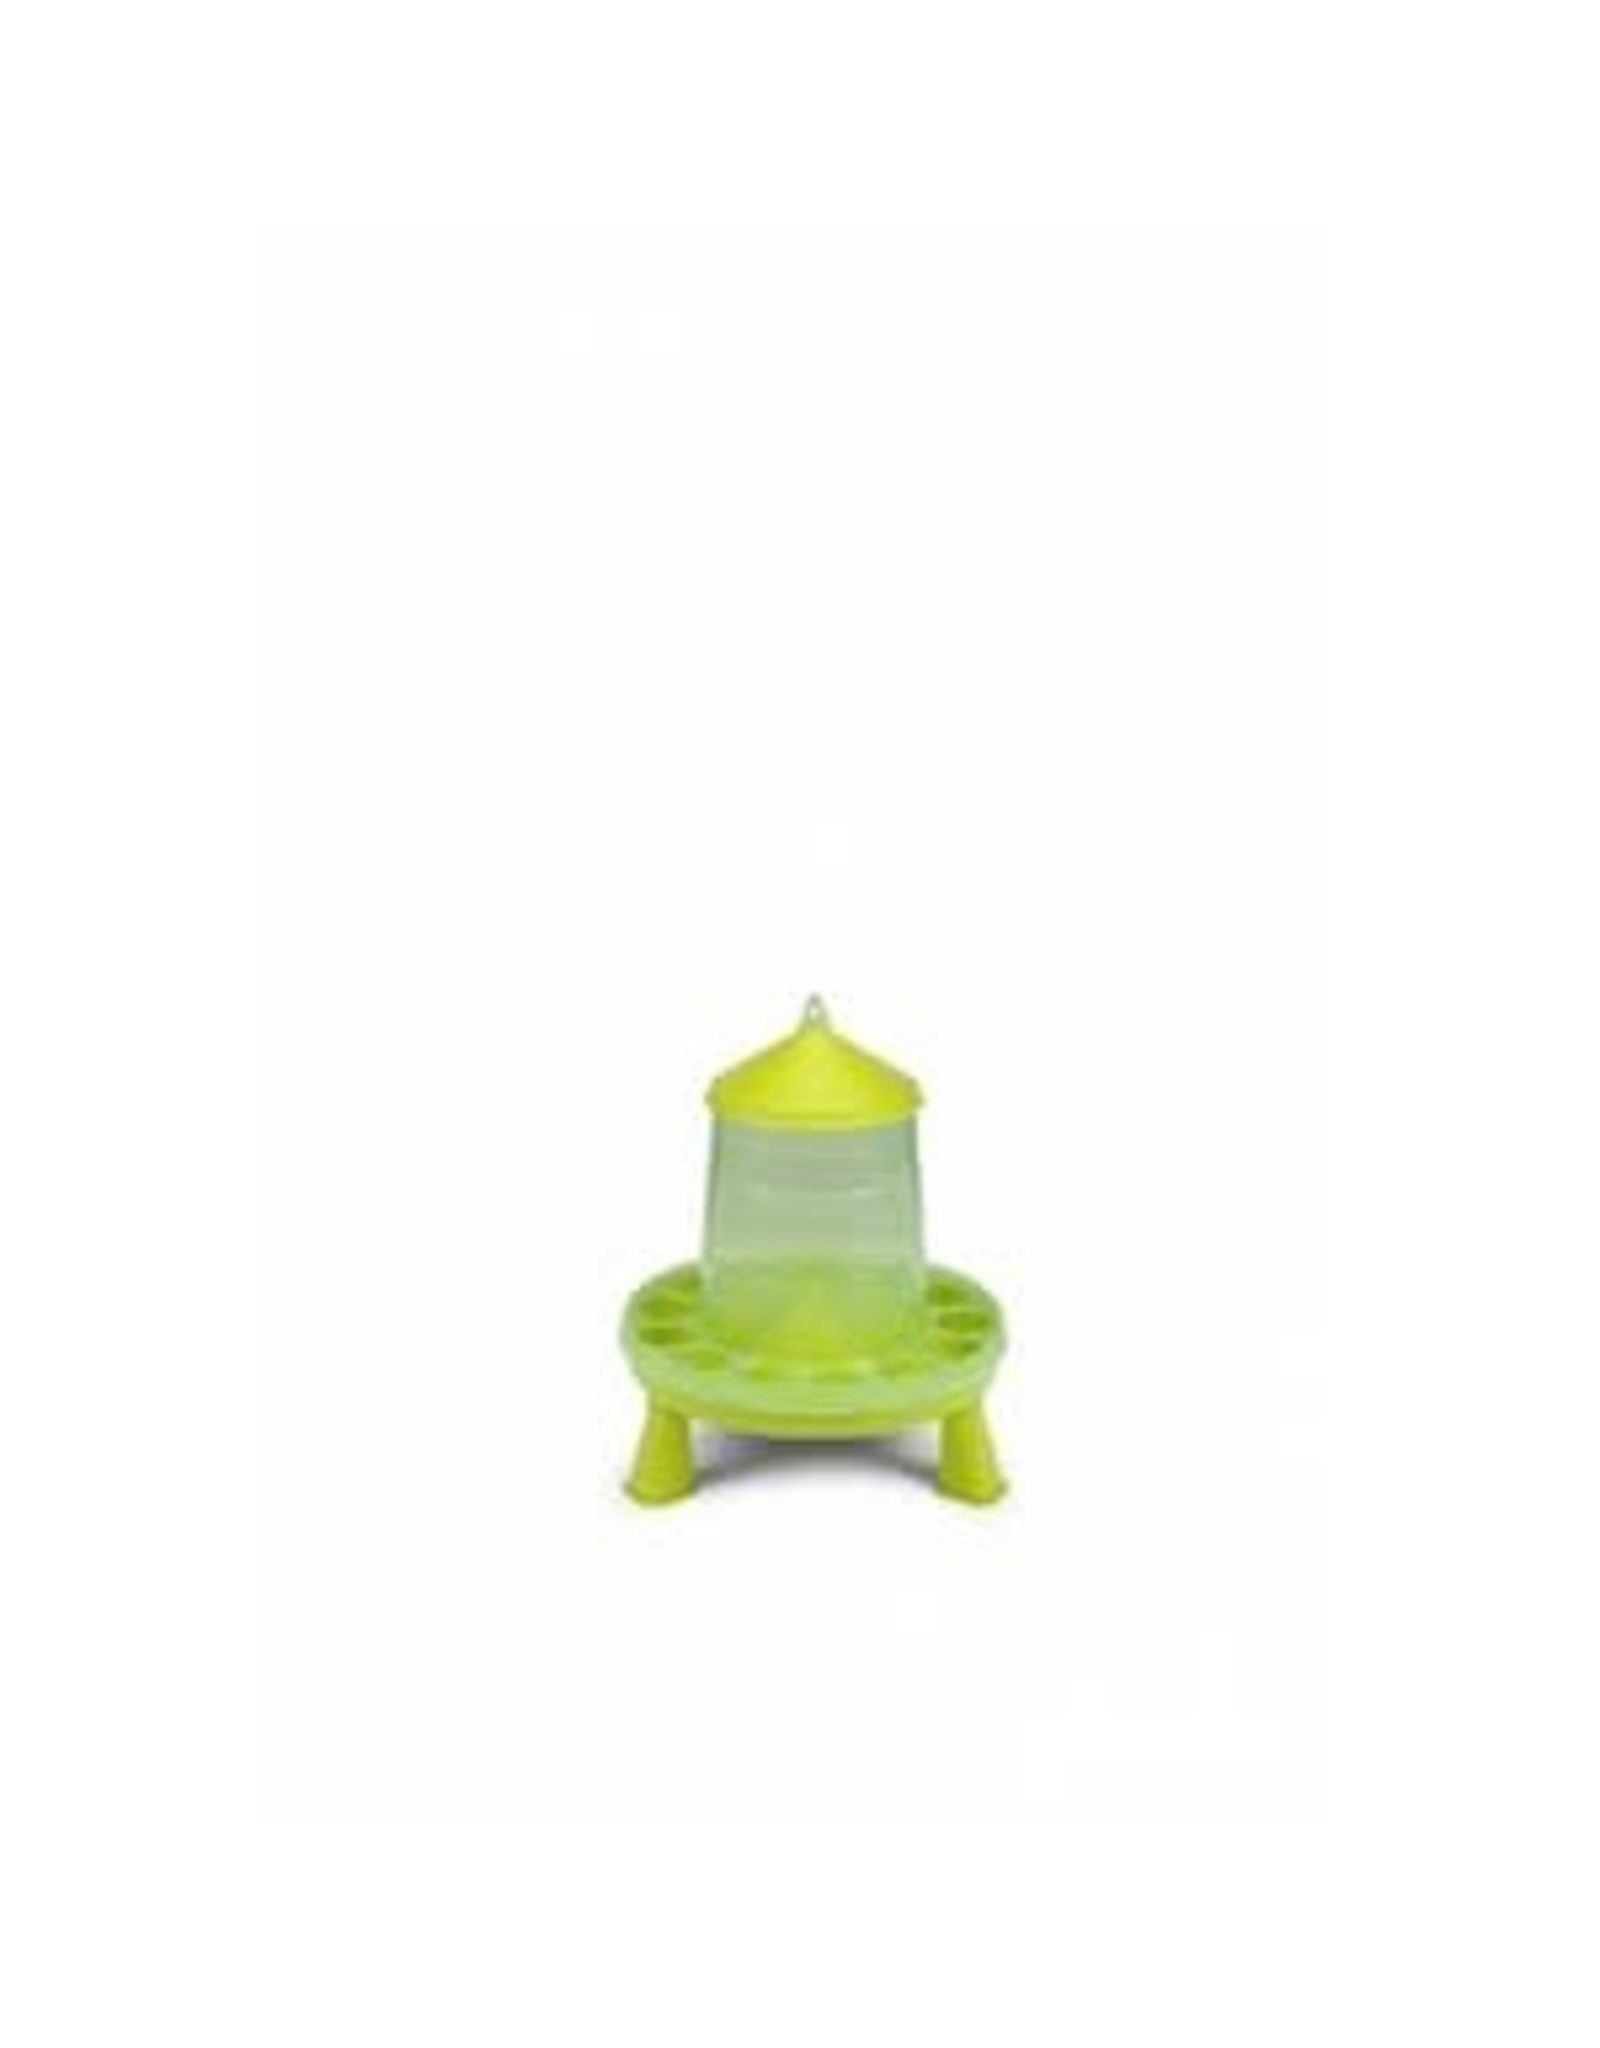 Gaun Trémie Volailles avec pieds, 8 kg, plastique, vert lime